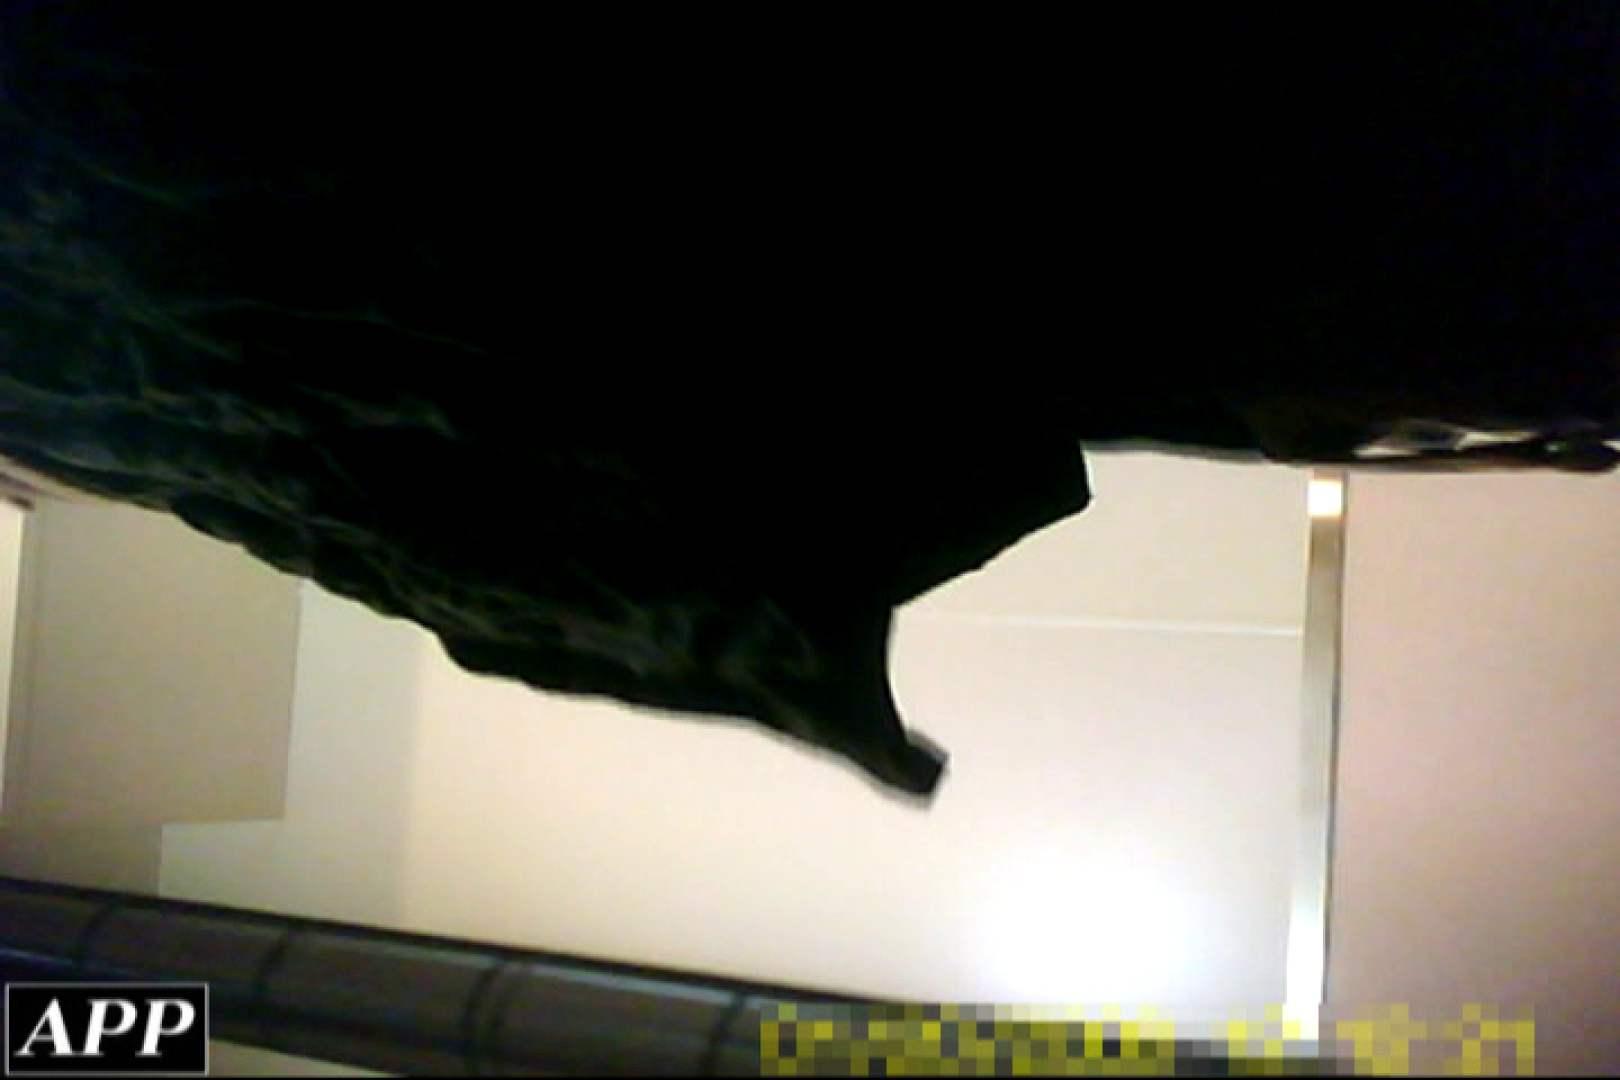 3視点洗面所 vol.78 オマンコ全開です AV動画キャプチャ 33枚